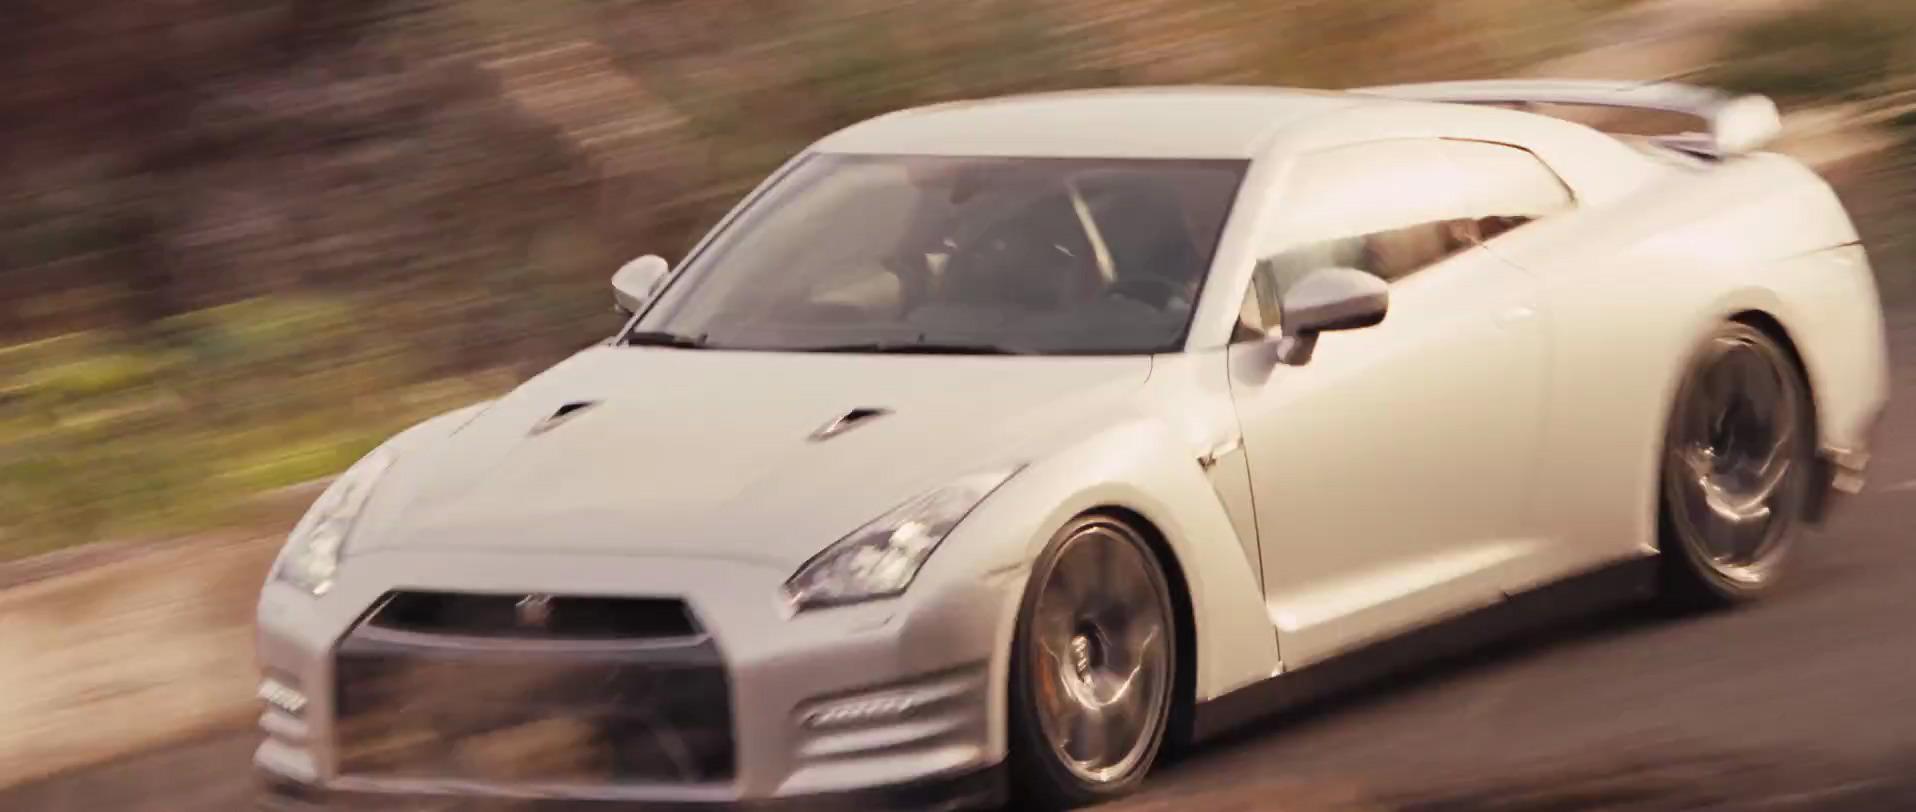 2011 Nissan GT-R R35